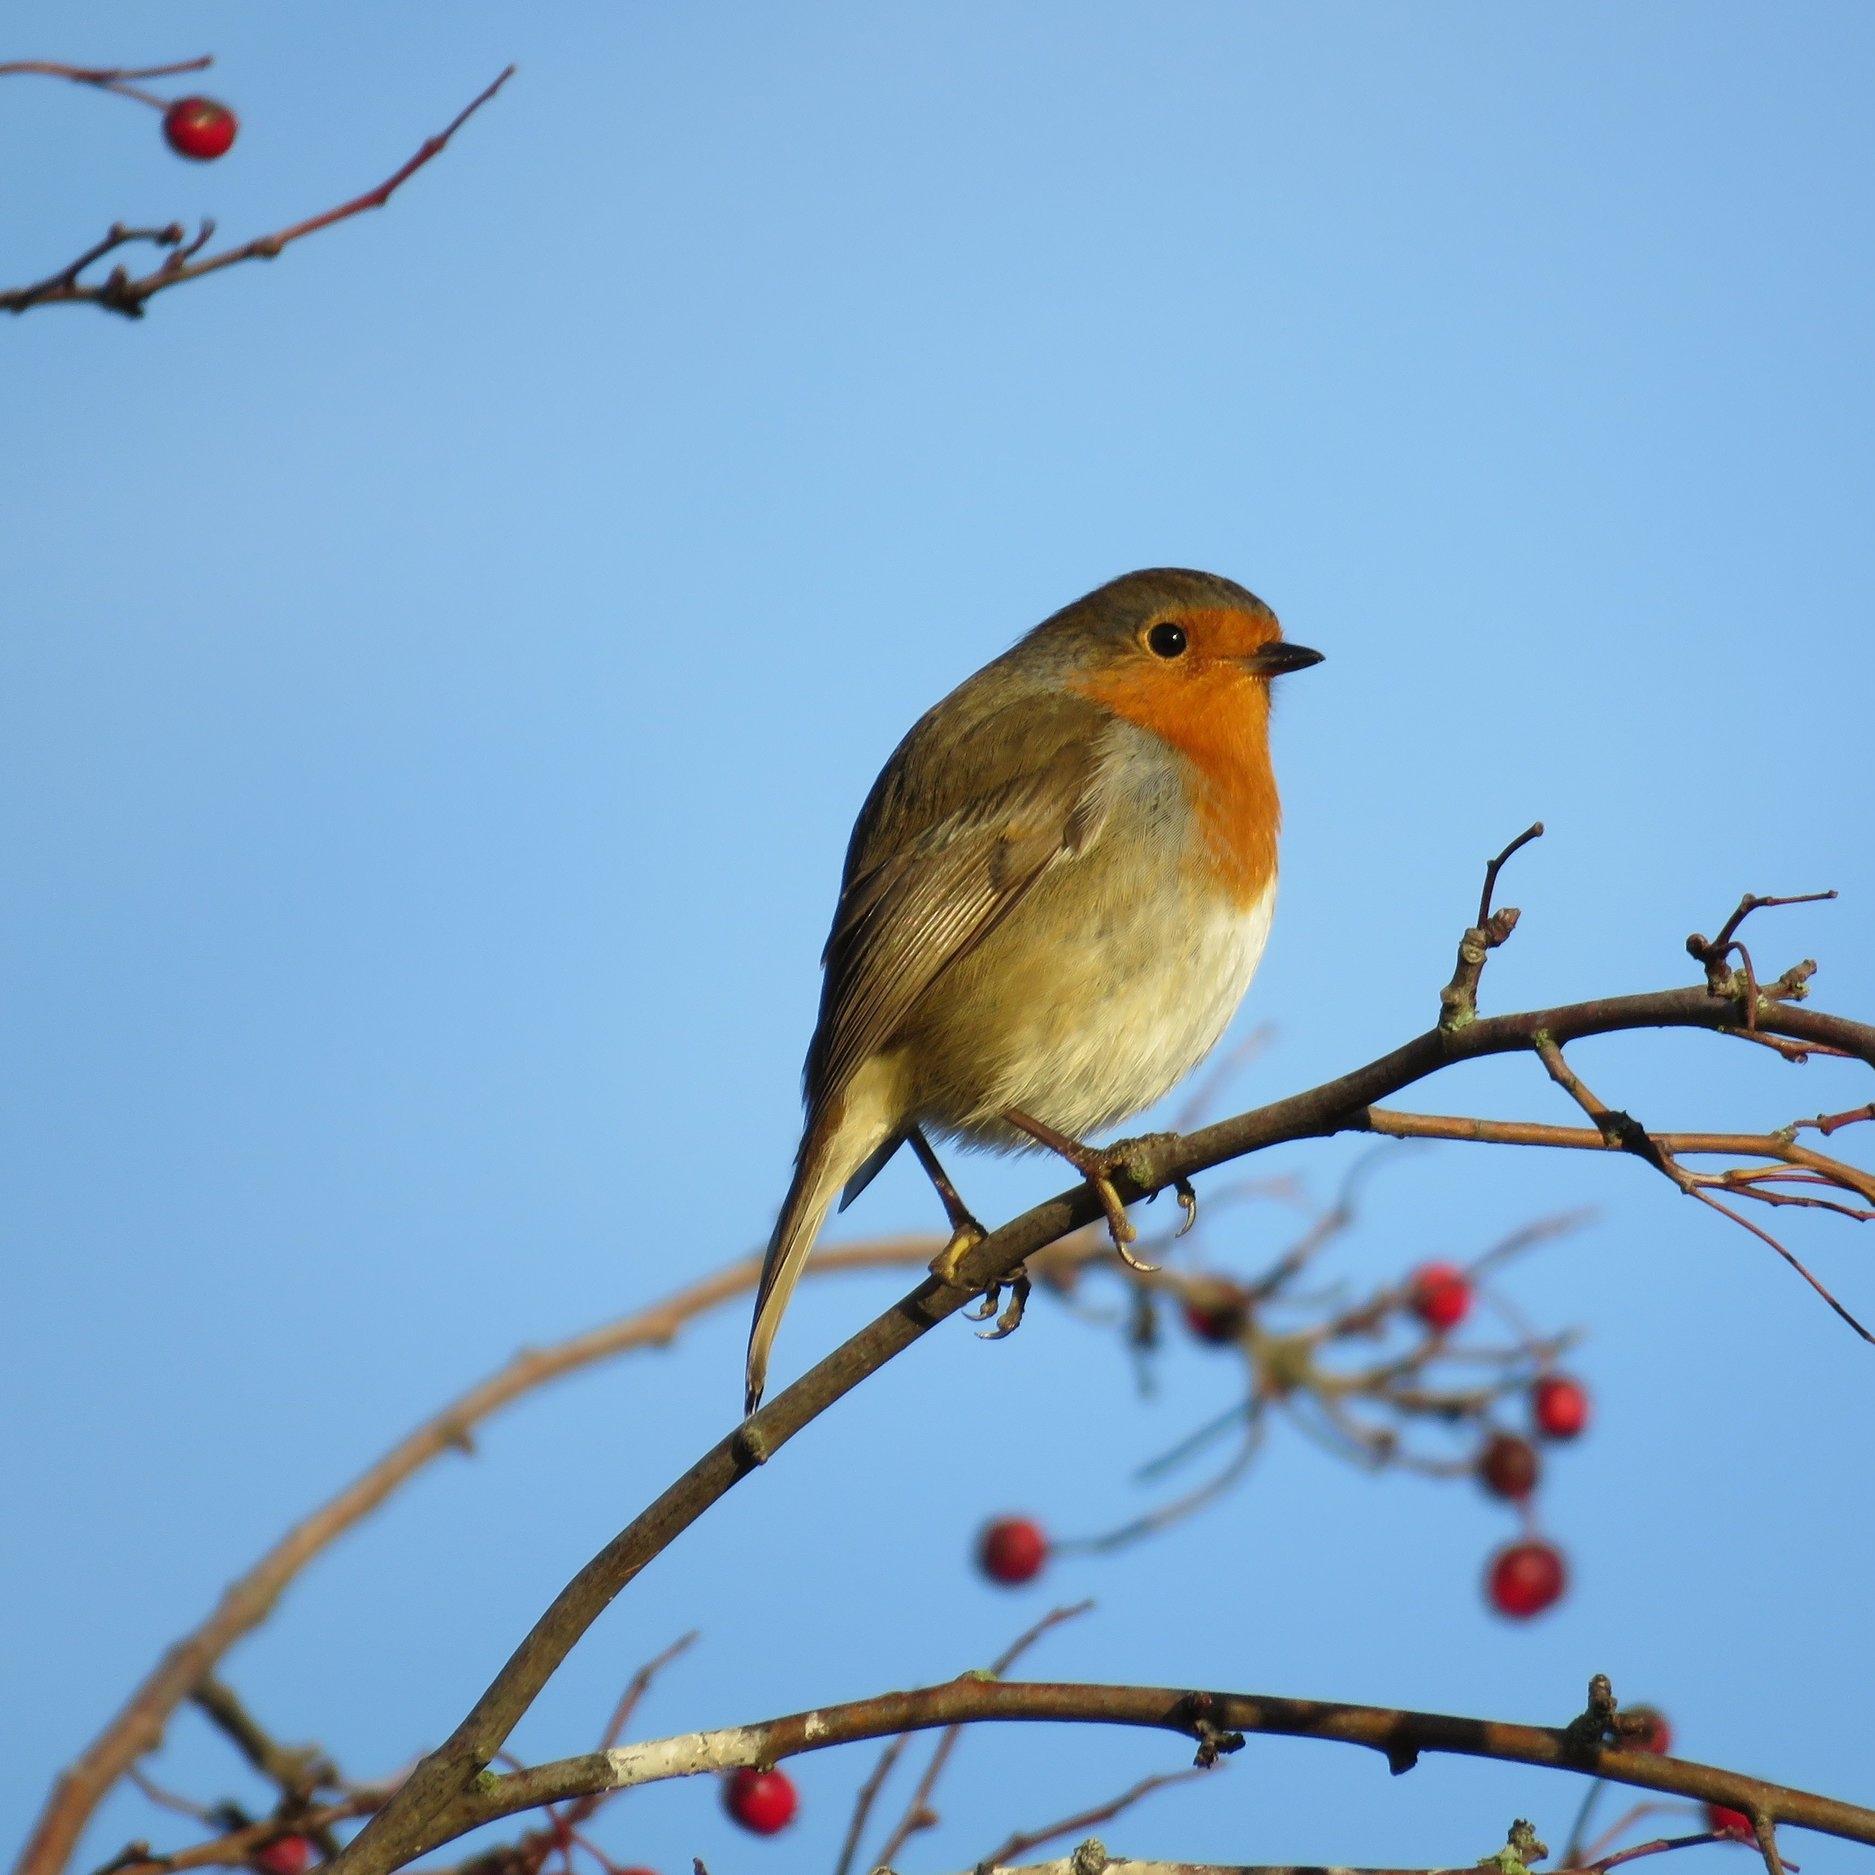 red-throat-bird-against-blue-sky.jpg